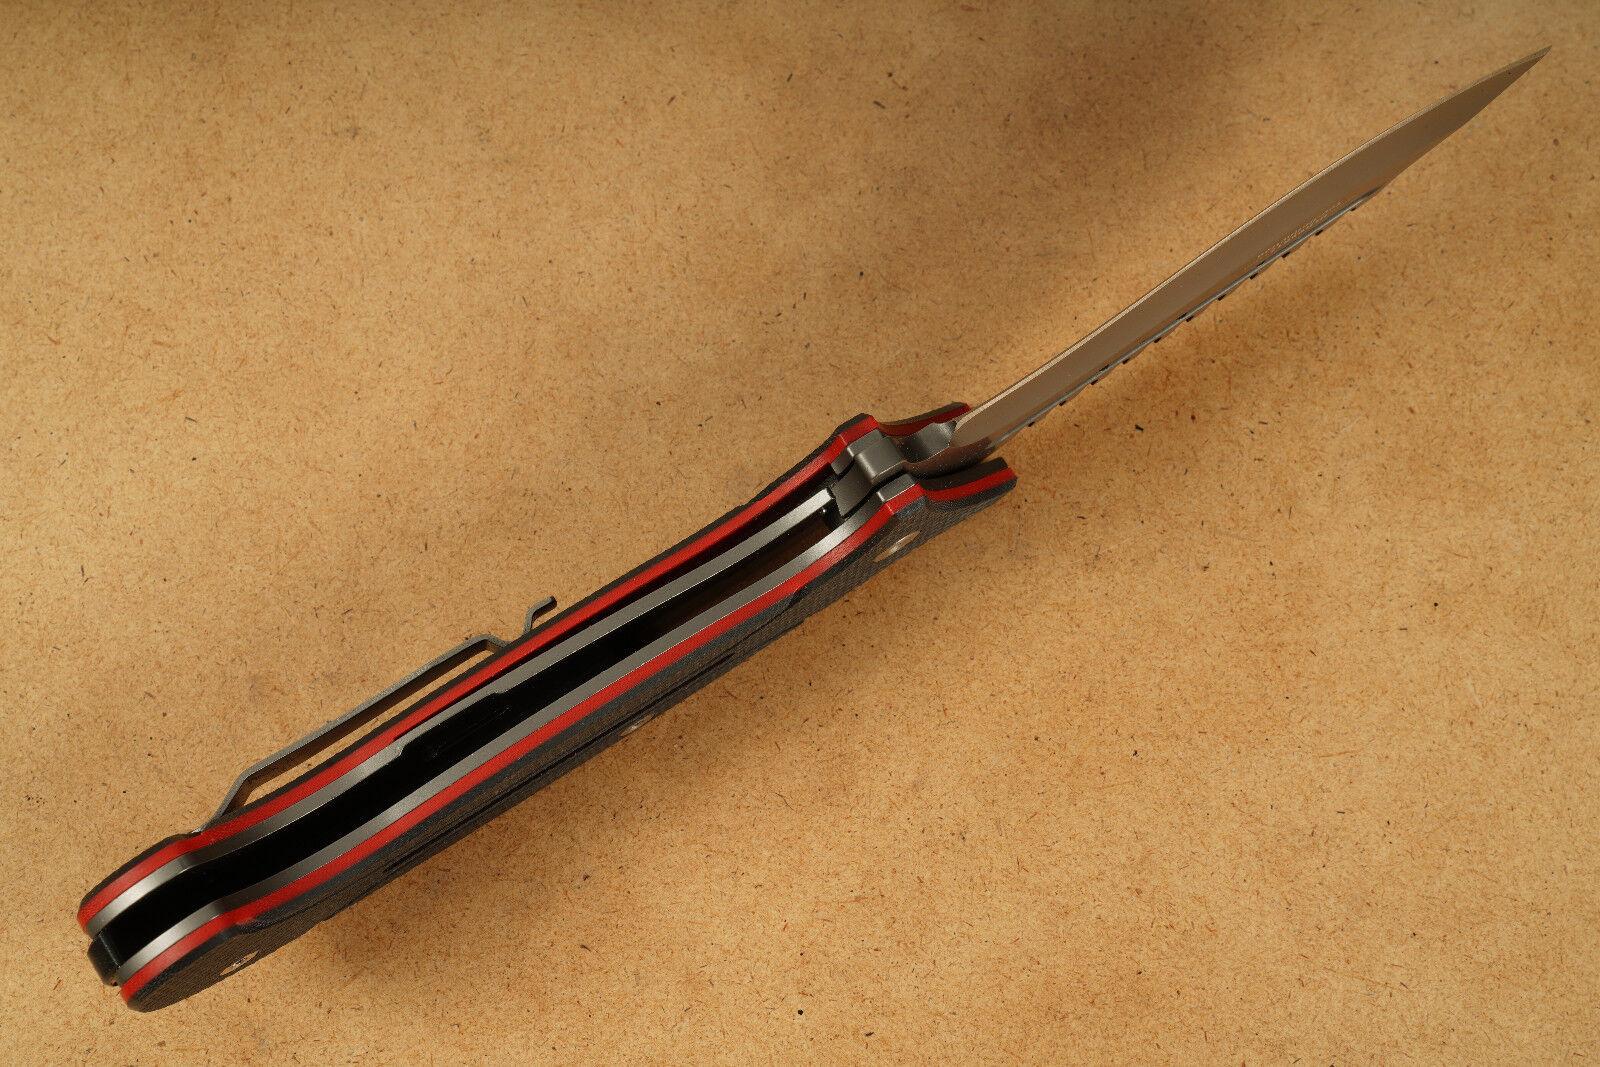 Herbertz Herbertz Herbertz Taschenmesser Klappmesser Einhandmesser Jagdmesser Outdoormesser H79 81d3e5